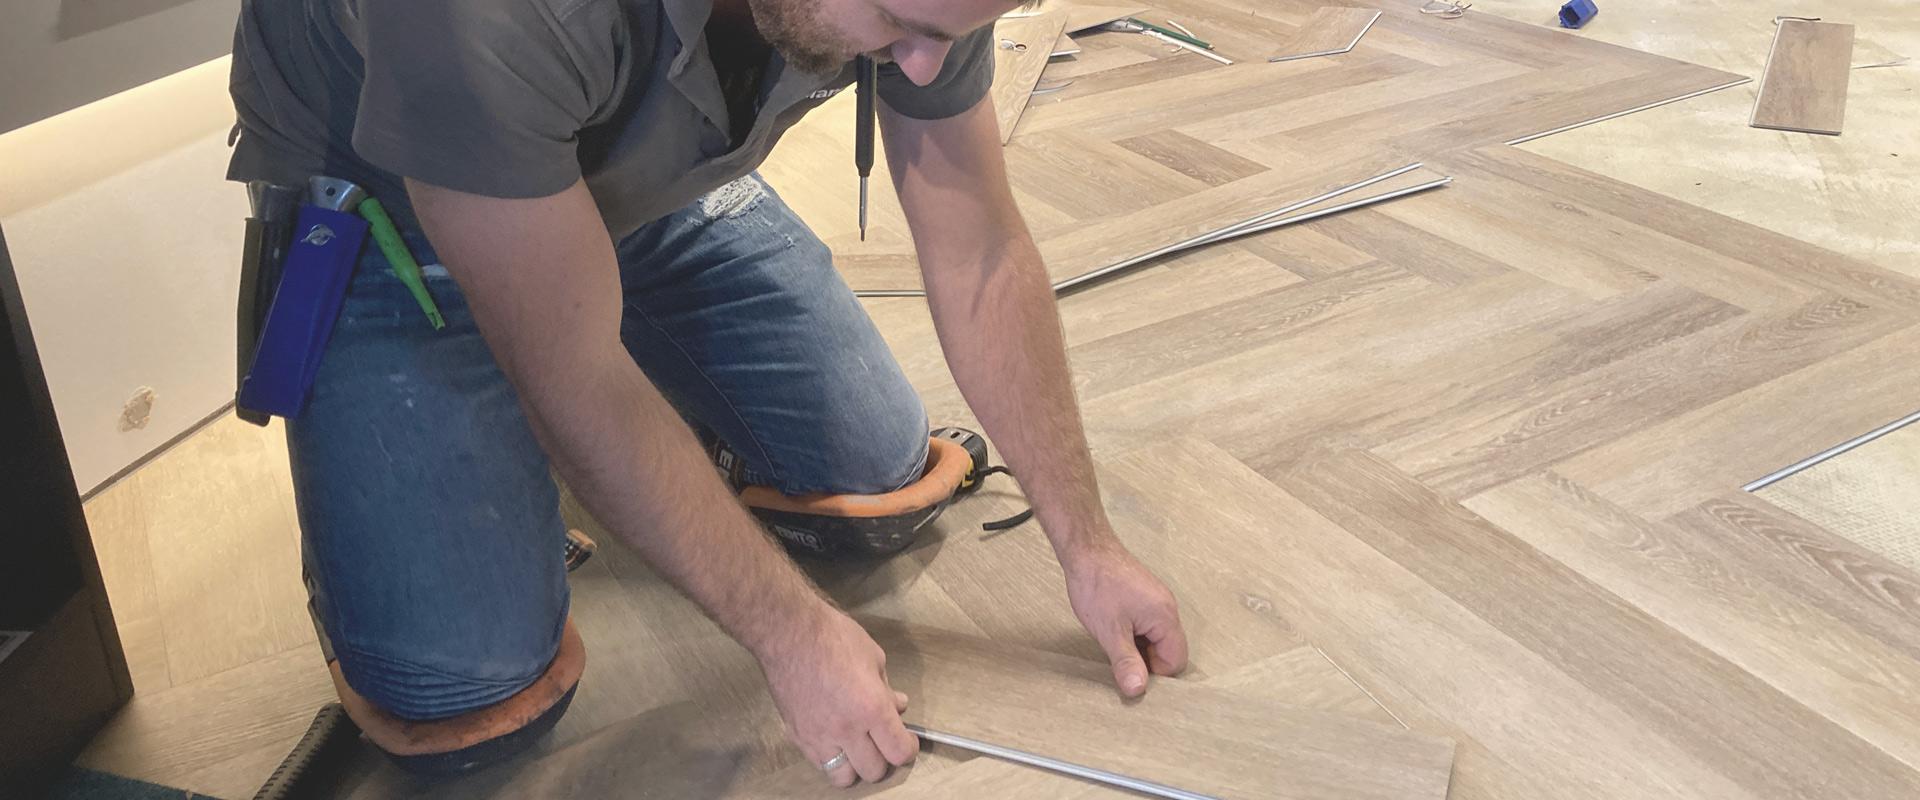 Vloeren laten leggen of doe het zelf